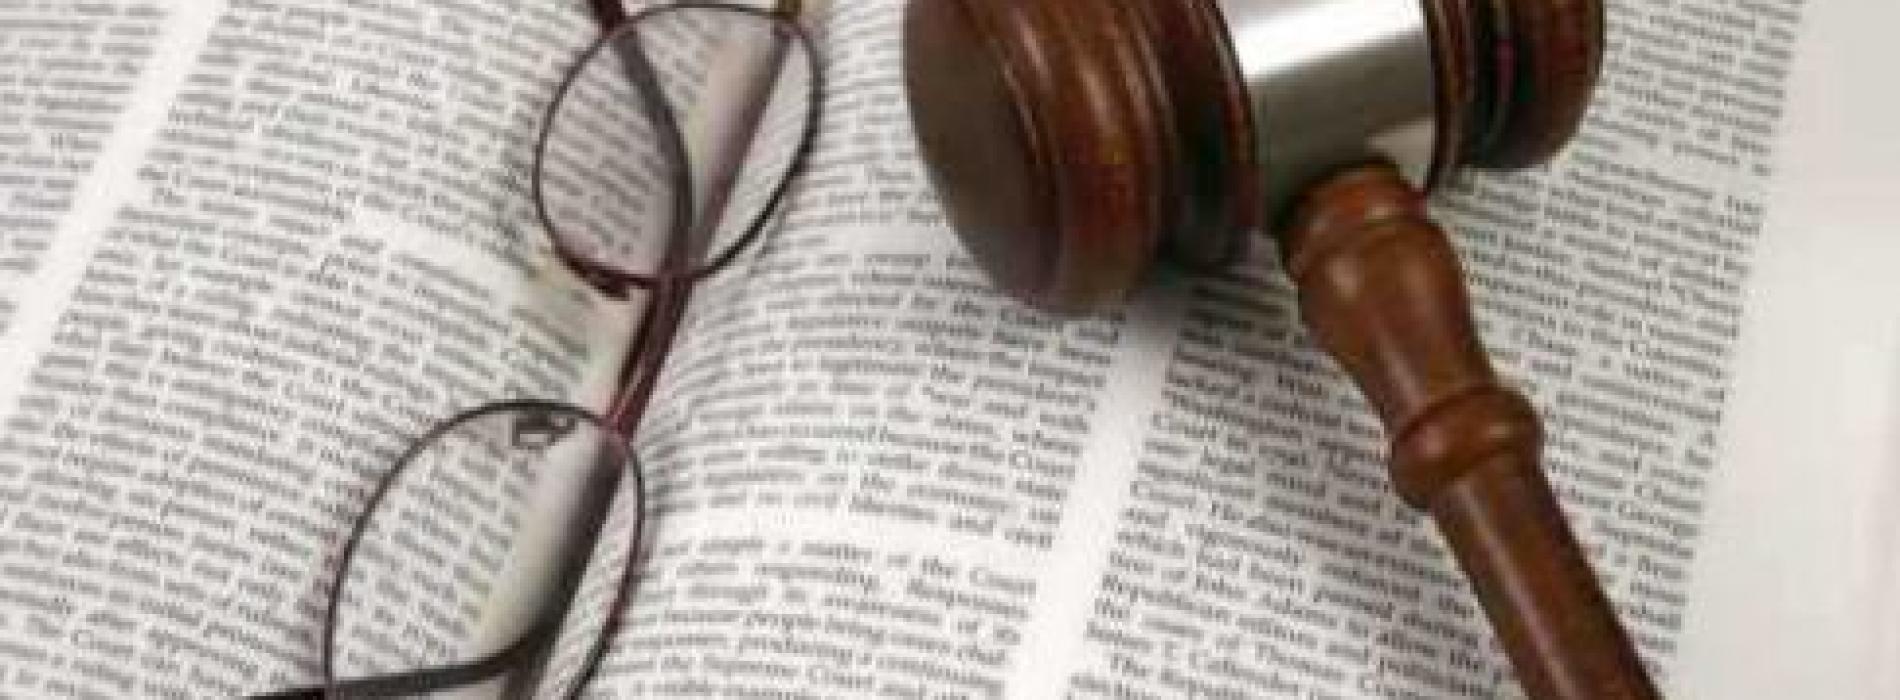 Commercialisti e avvocati, incontro con la Commissione Tributaria